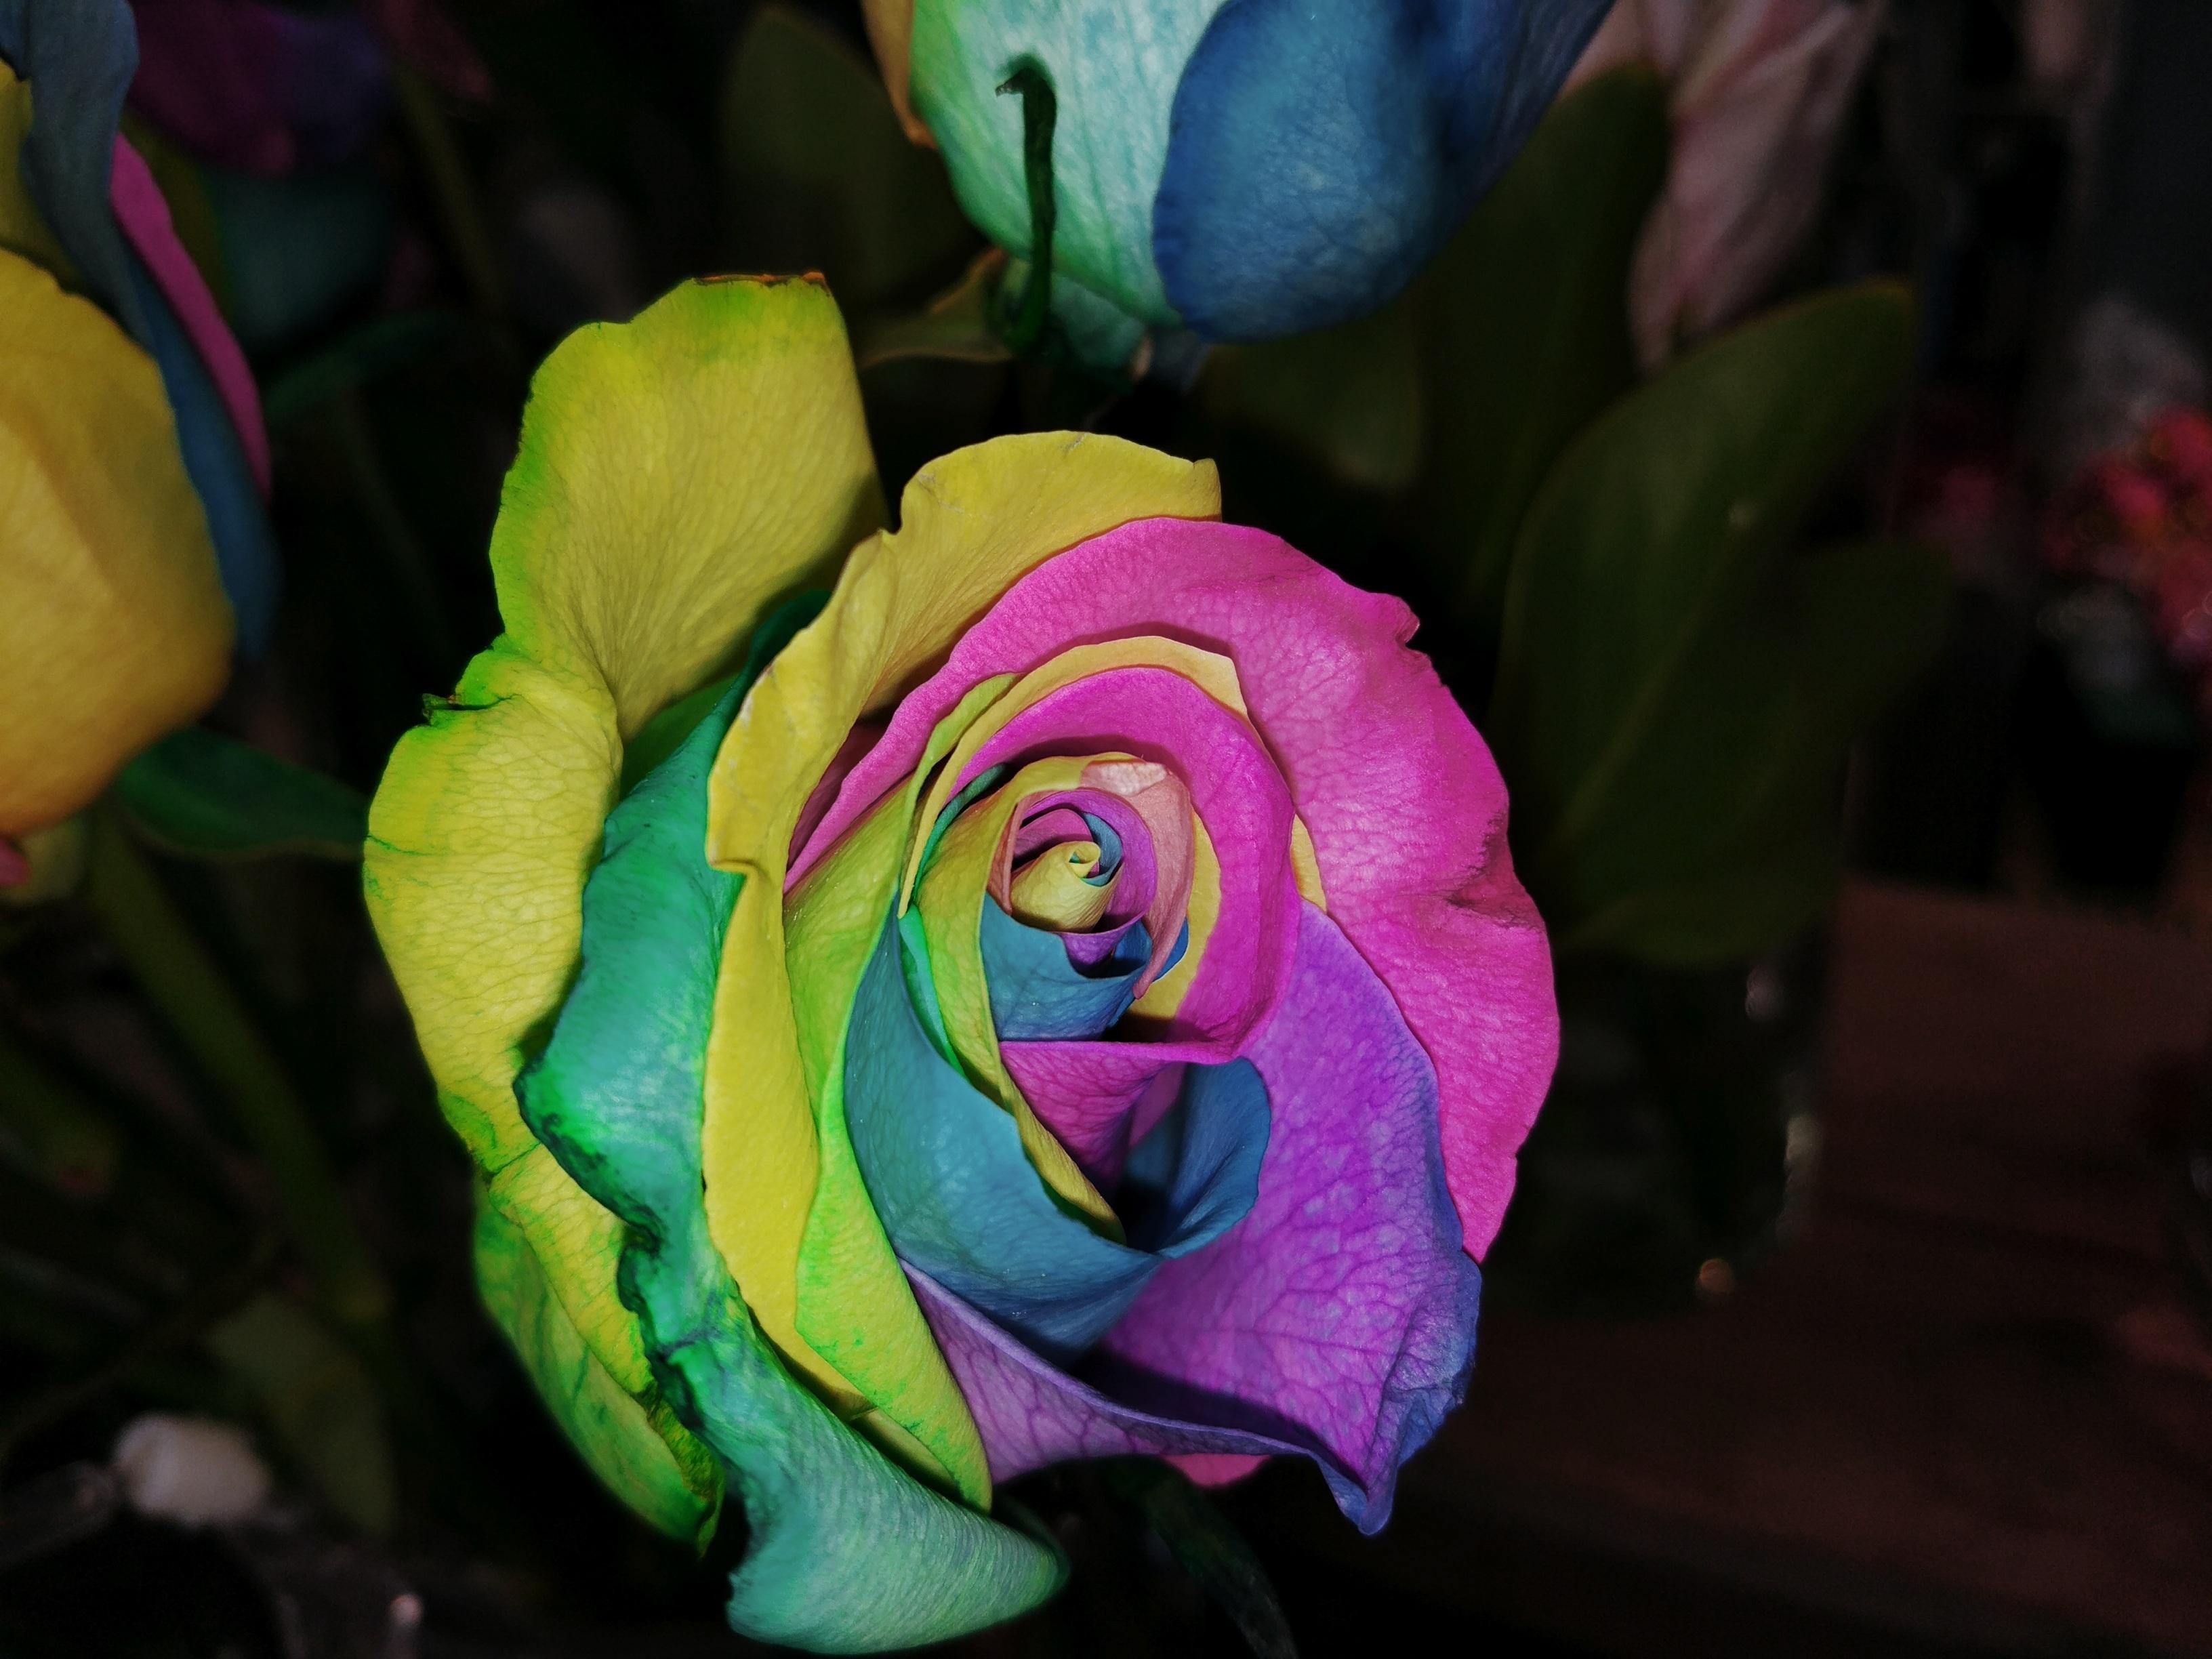 Fotos Gratis Calentar Hoja Flor Petalo Rosa Verde Color